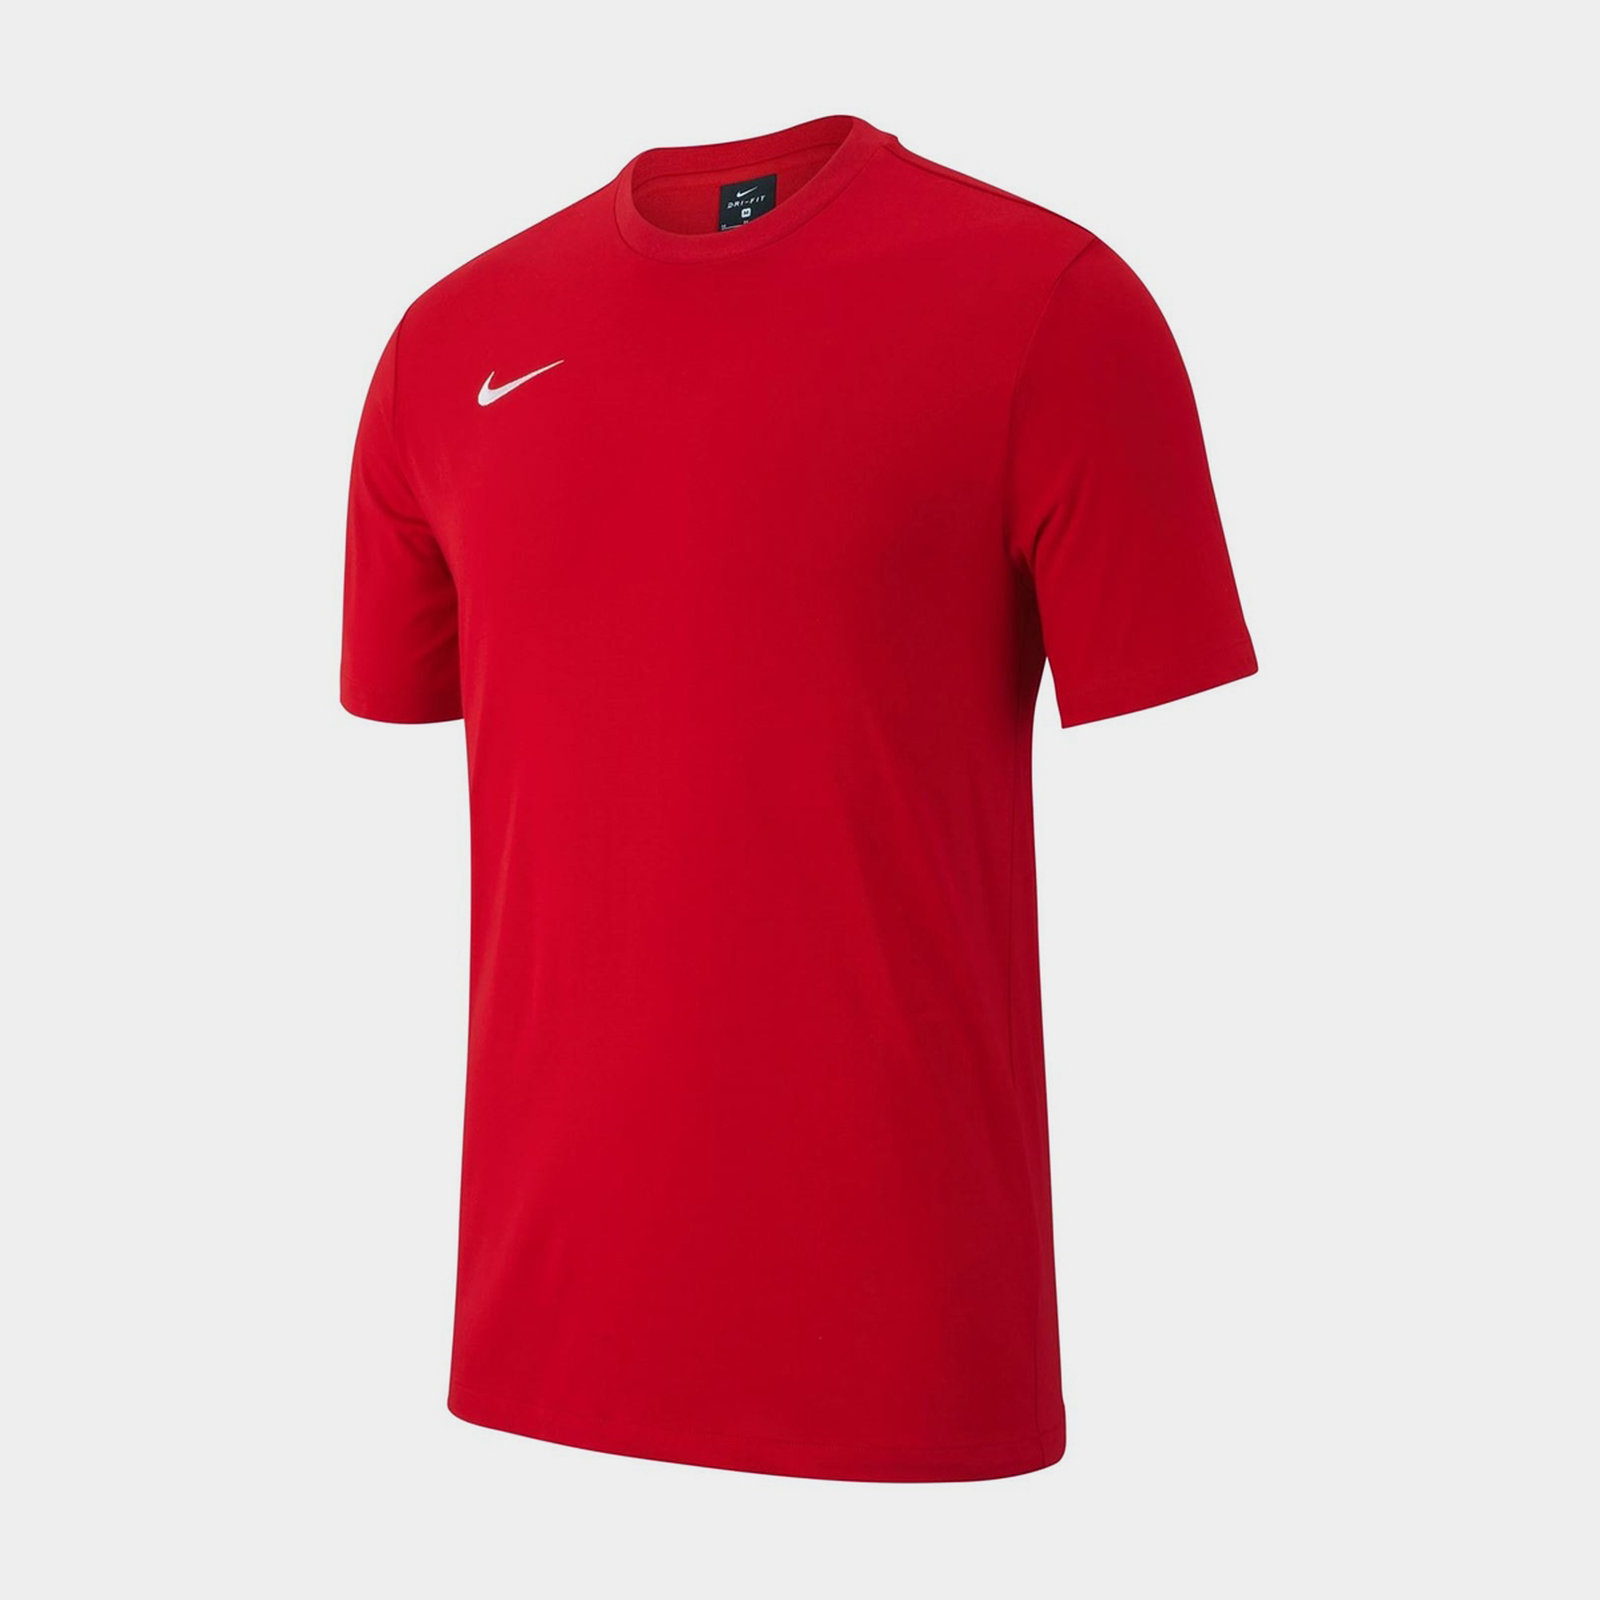 Club 19 T Shirt Mens